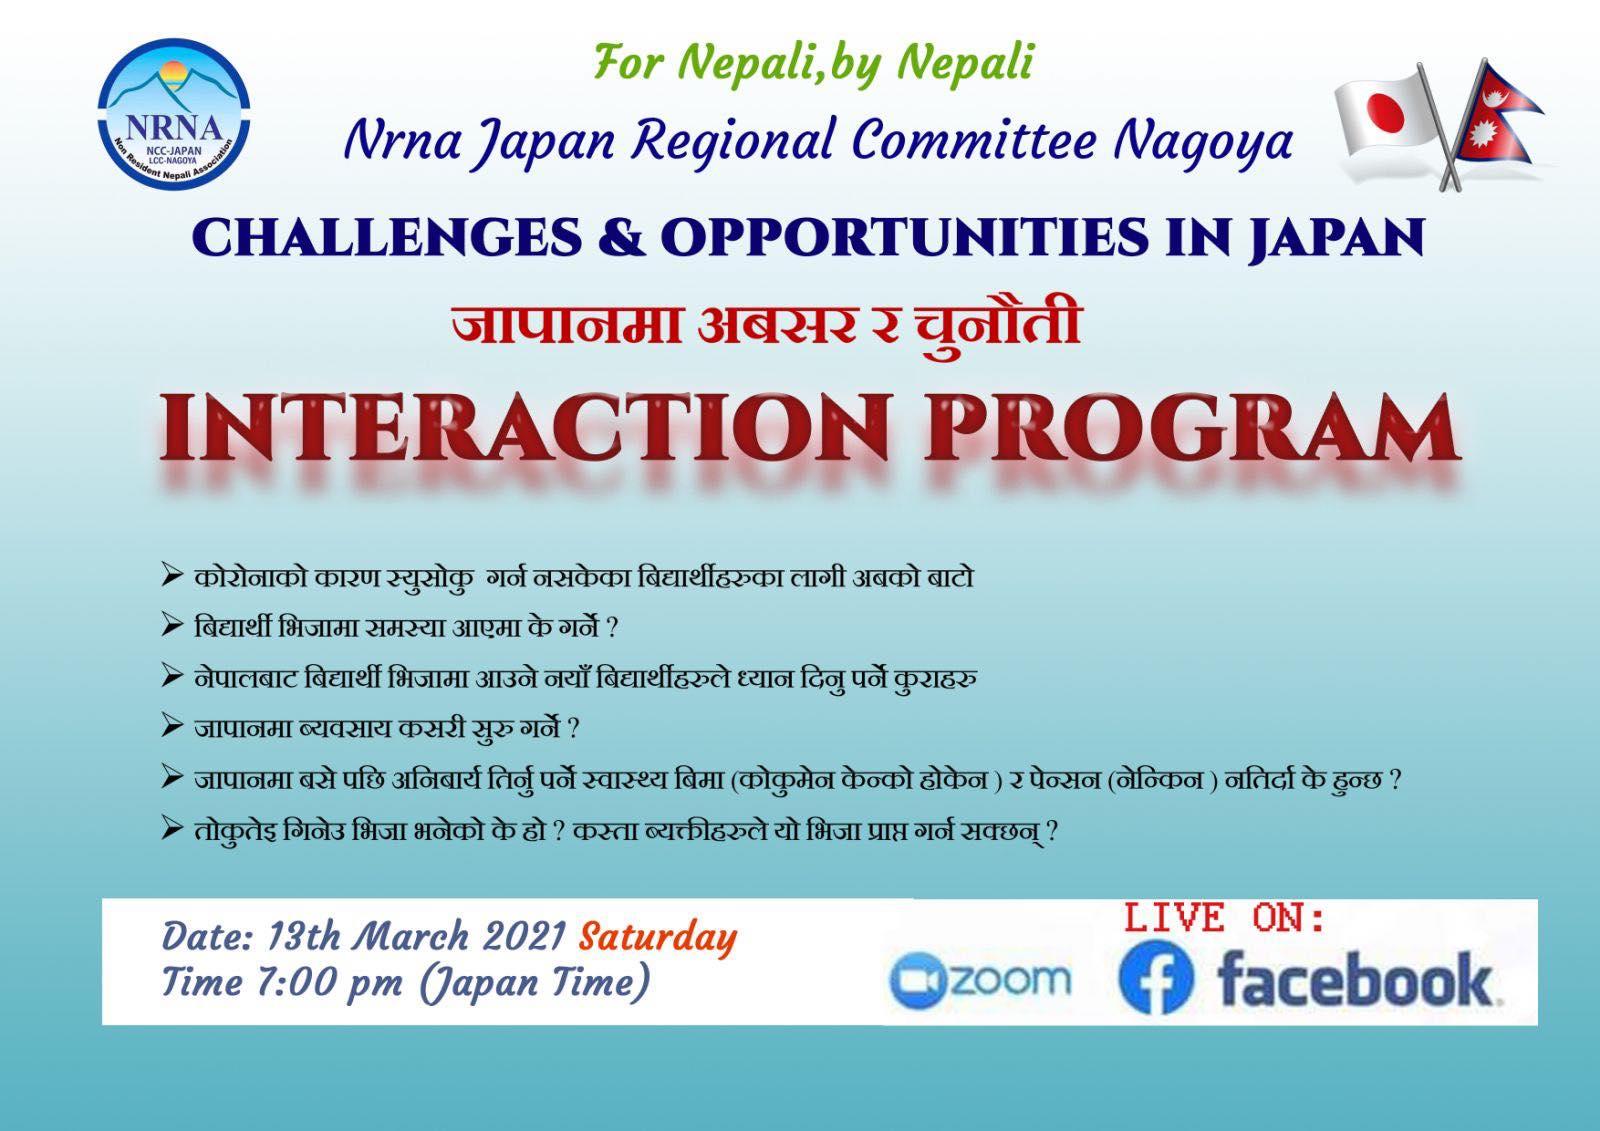 विद्यार्थी भिषामा जापान आउन लागेकालाई सघाउन एनआरएनए नागोयाको विशेष लाईभ कार्यक्रम